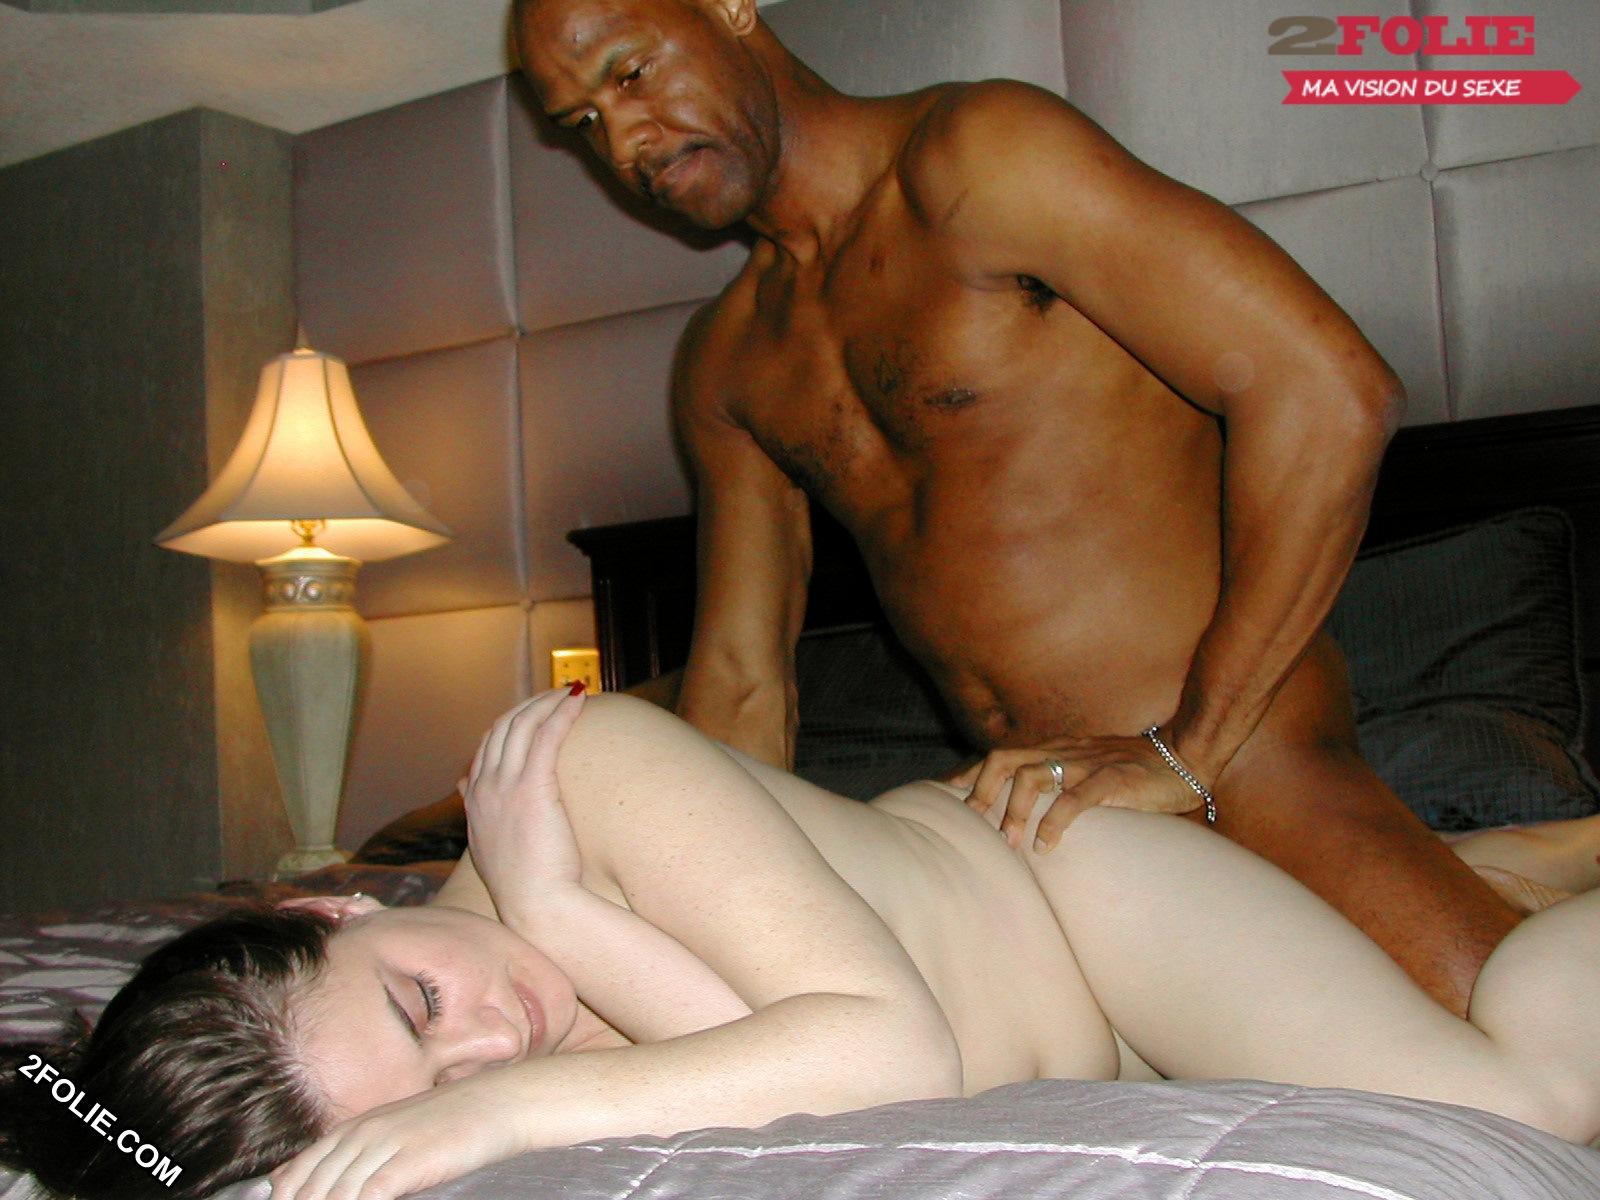 mr sexe com sexe interracial